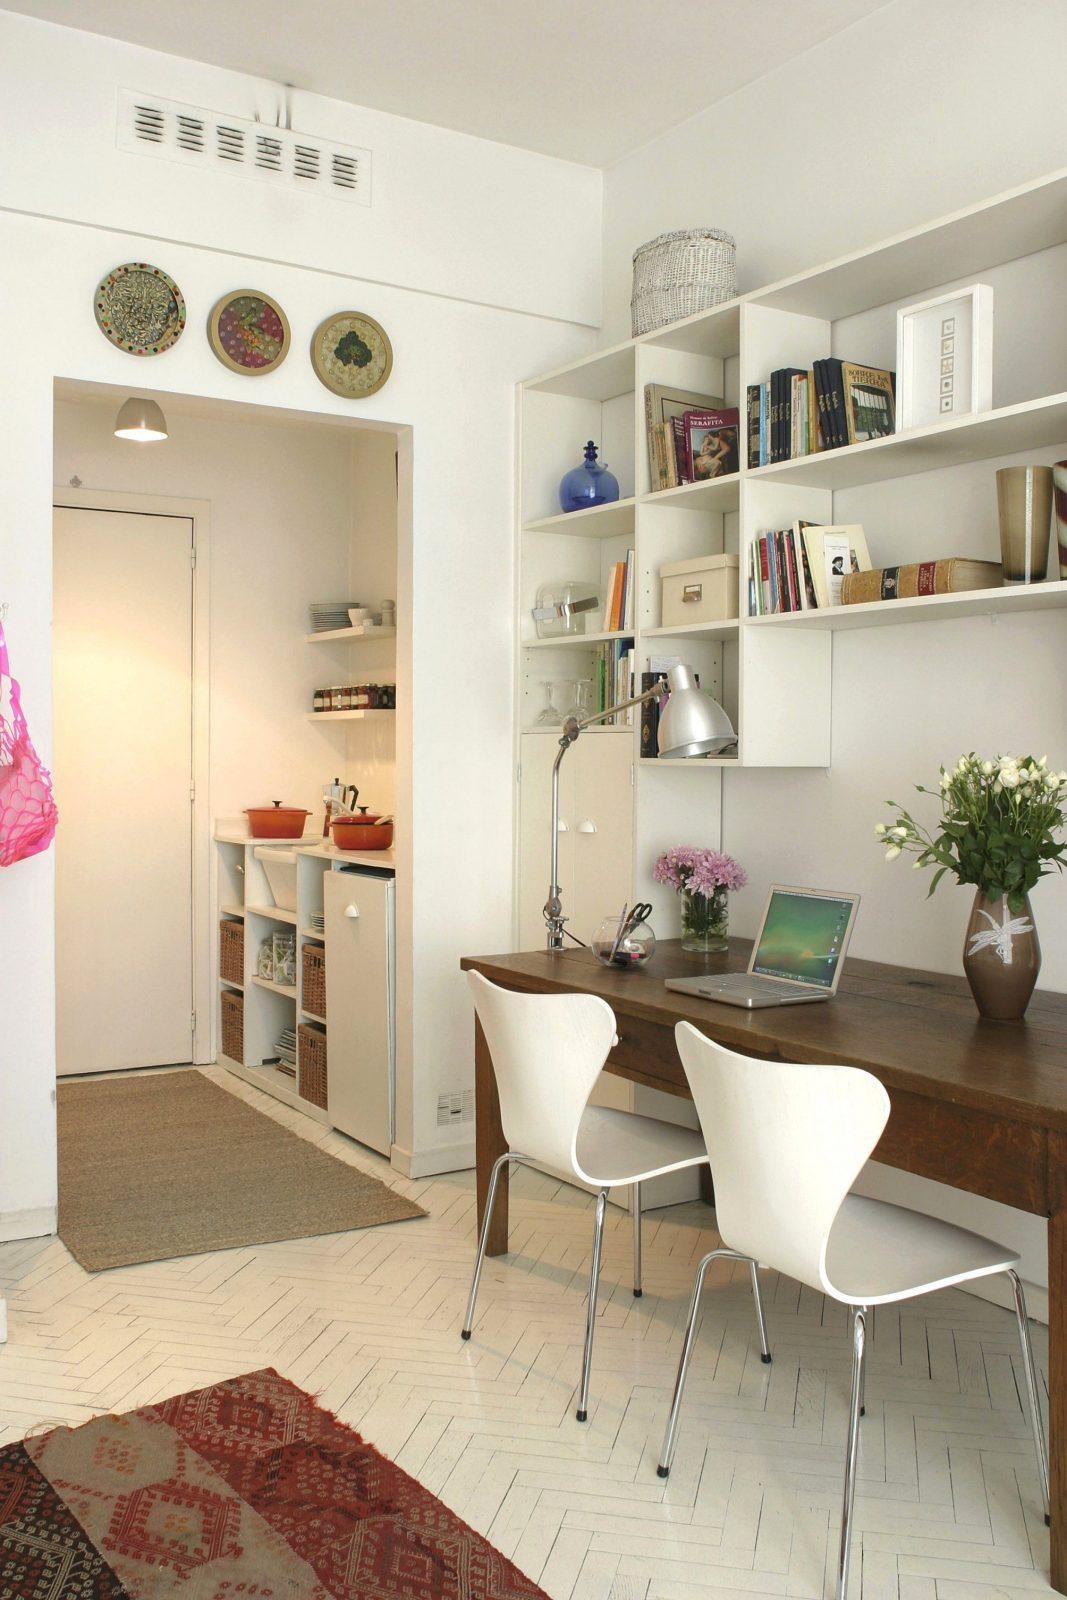 Erstaunliche Inspiration Kleines Wohnzimmer Mit Esstisch Und von Kleines Wohnzimmer Mit Esstisch Bild